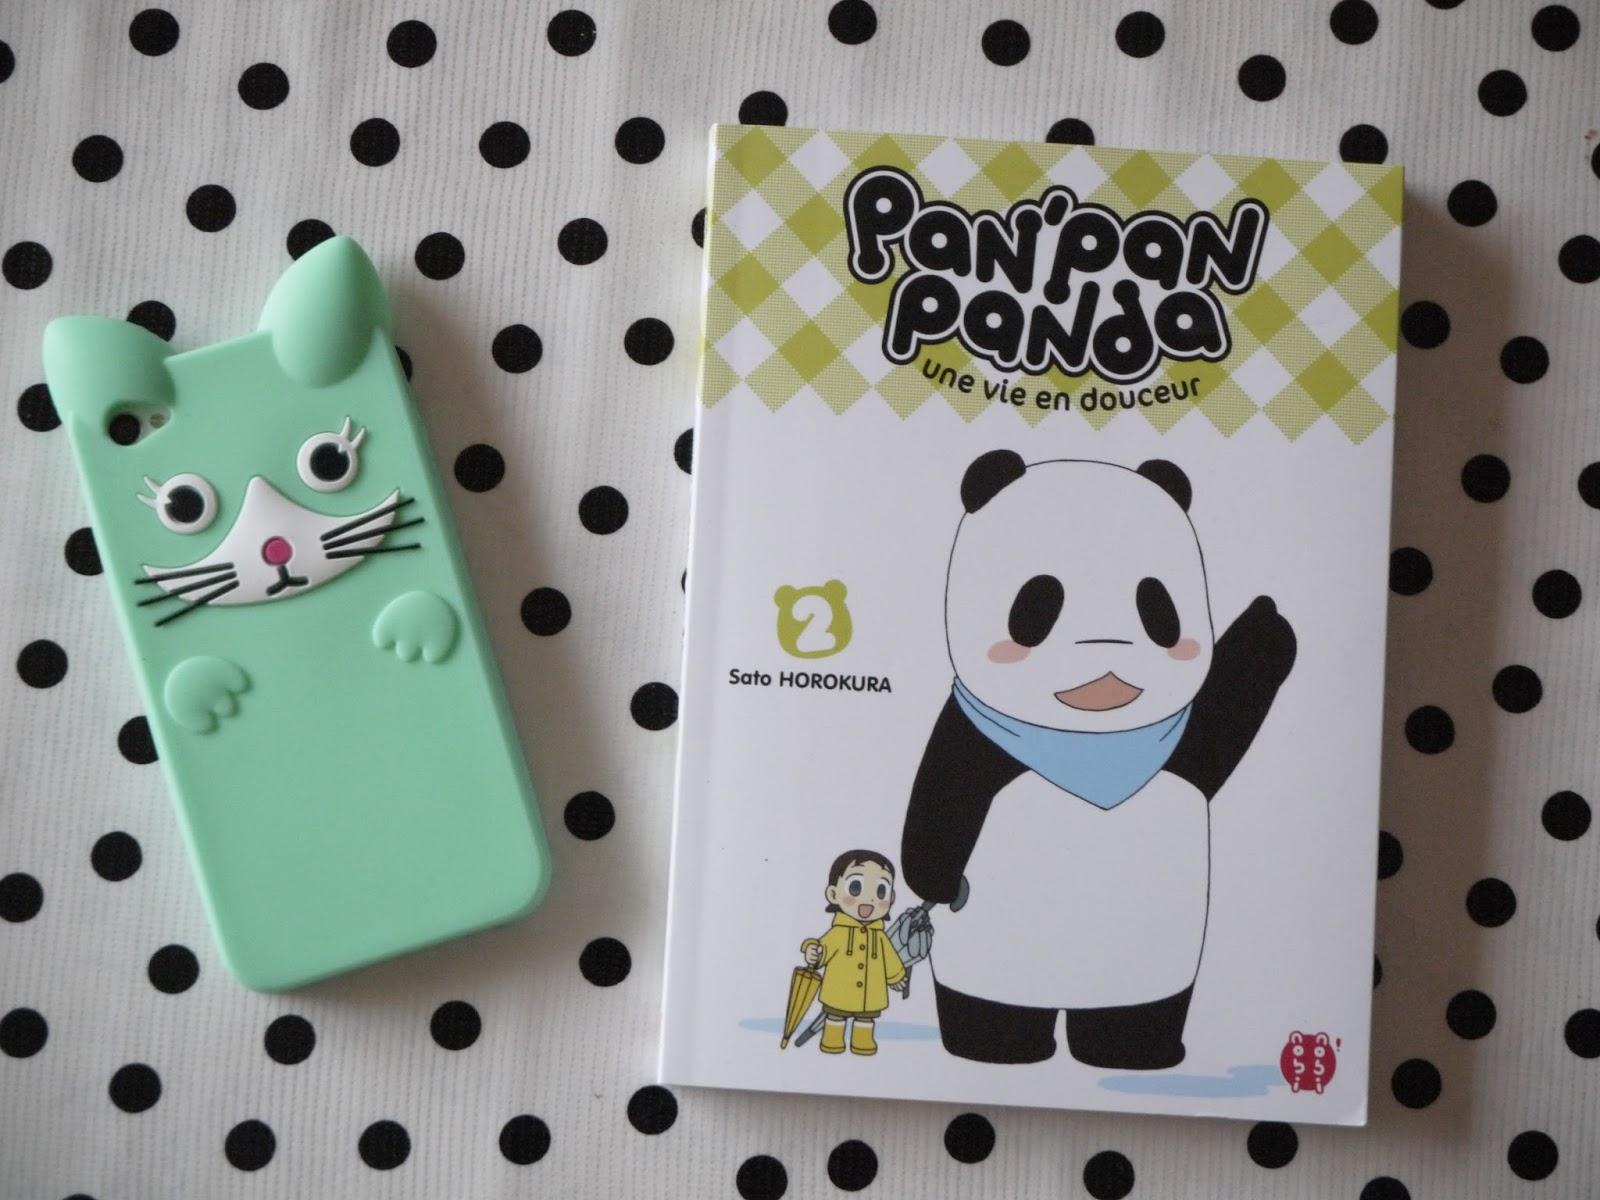 pan'pan panda manga 2